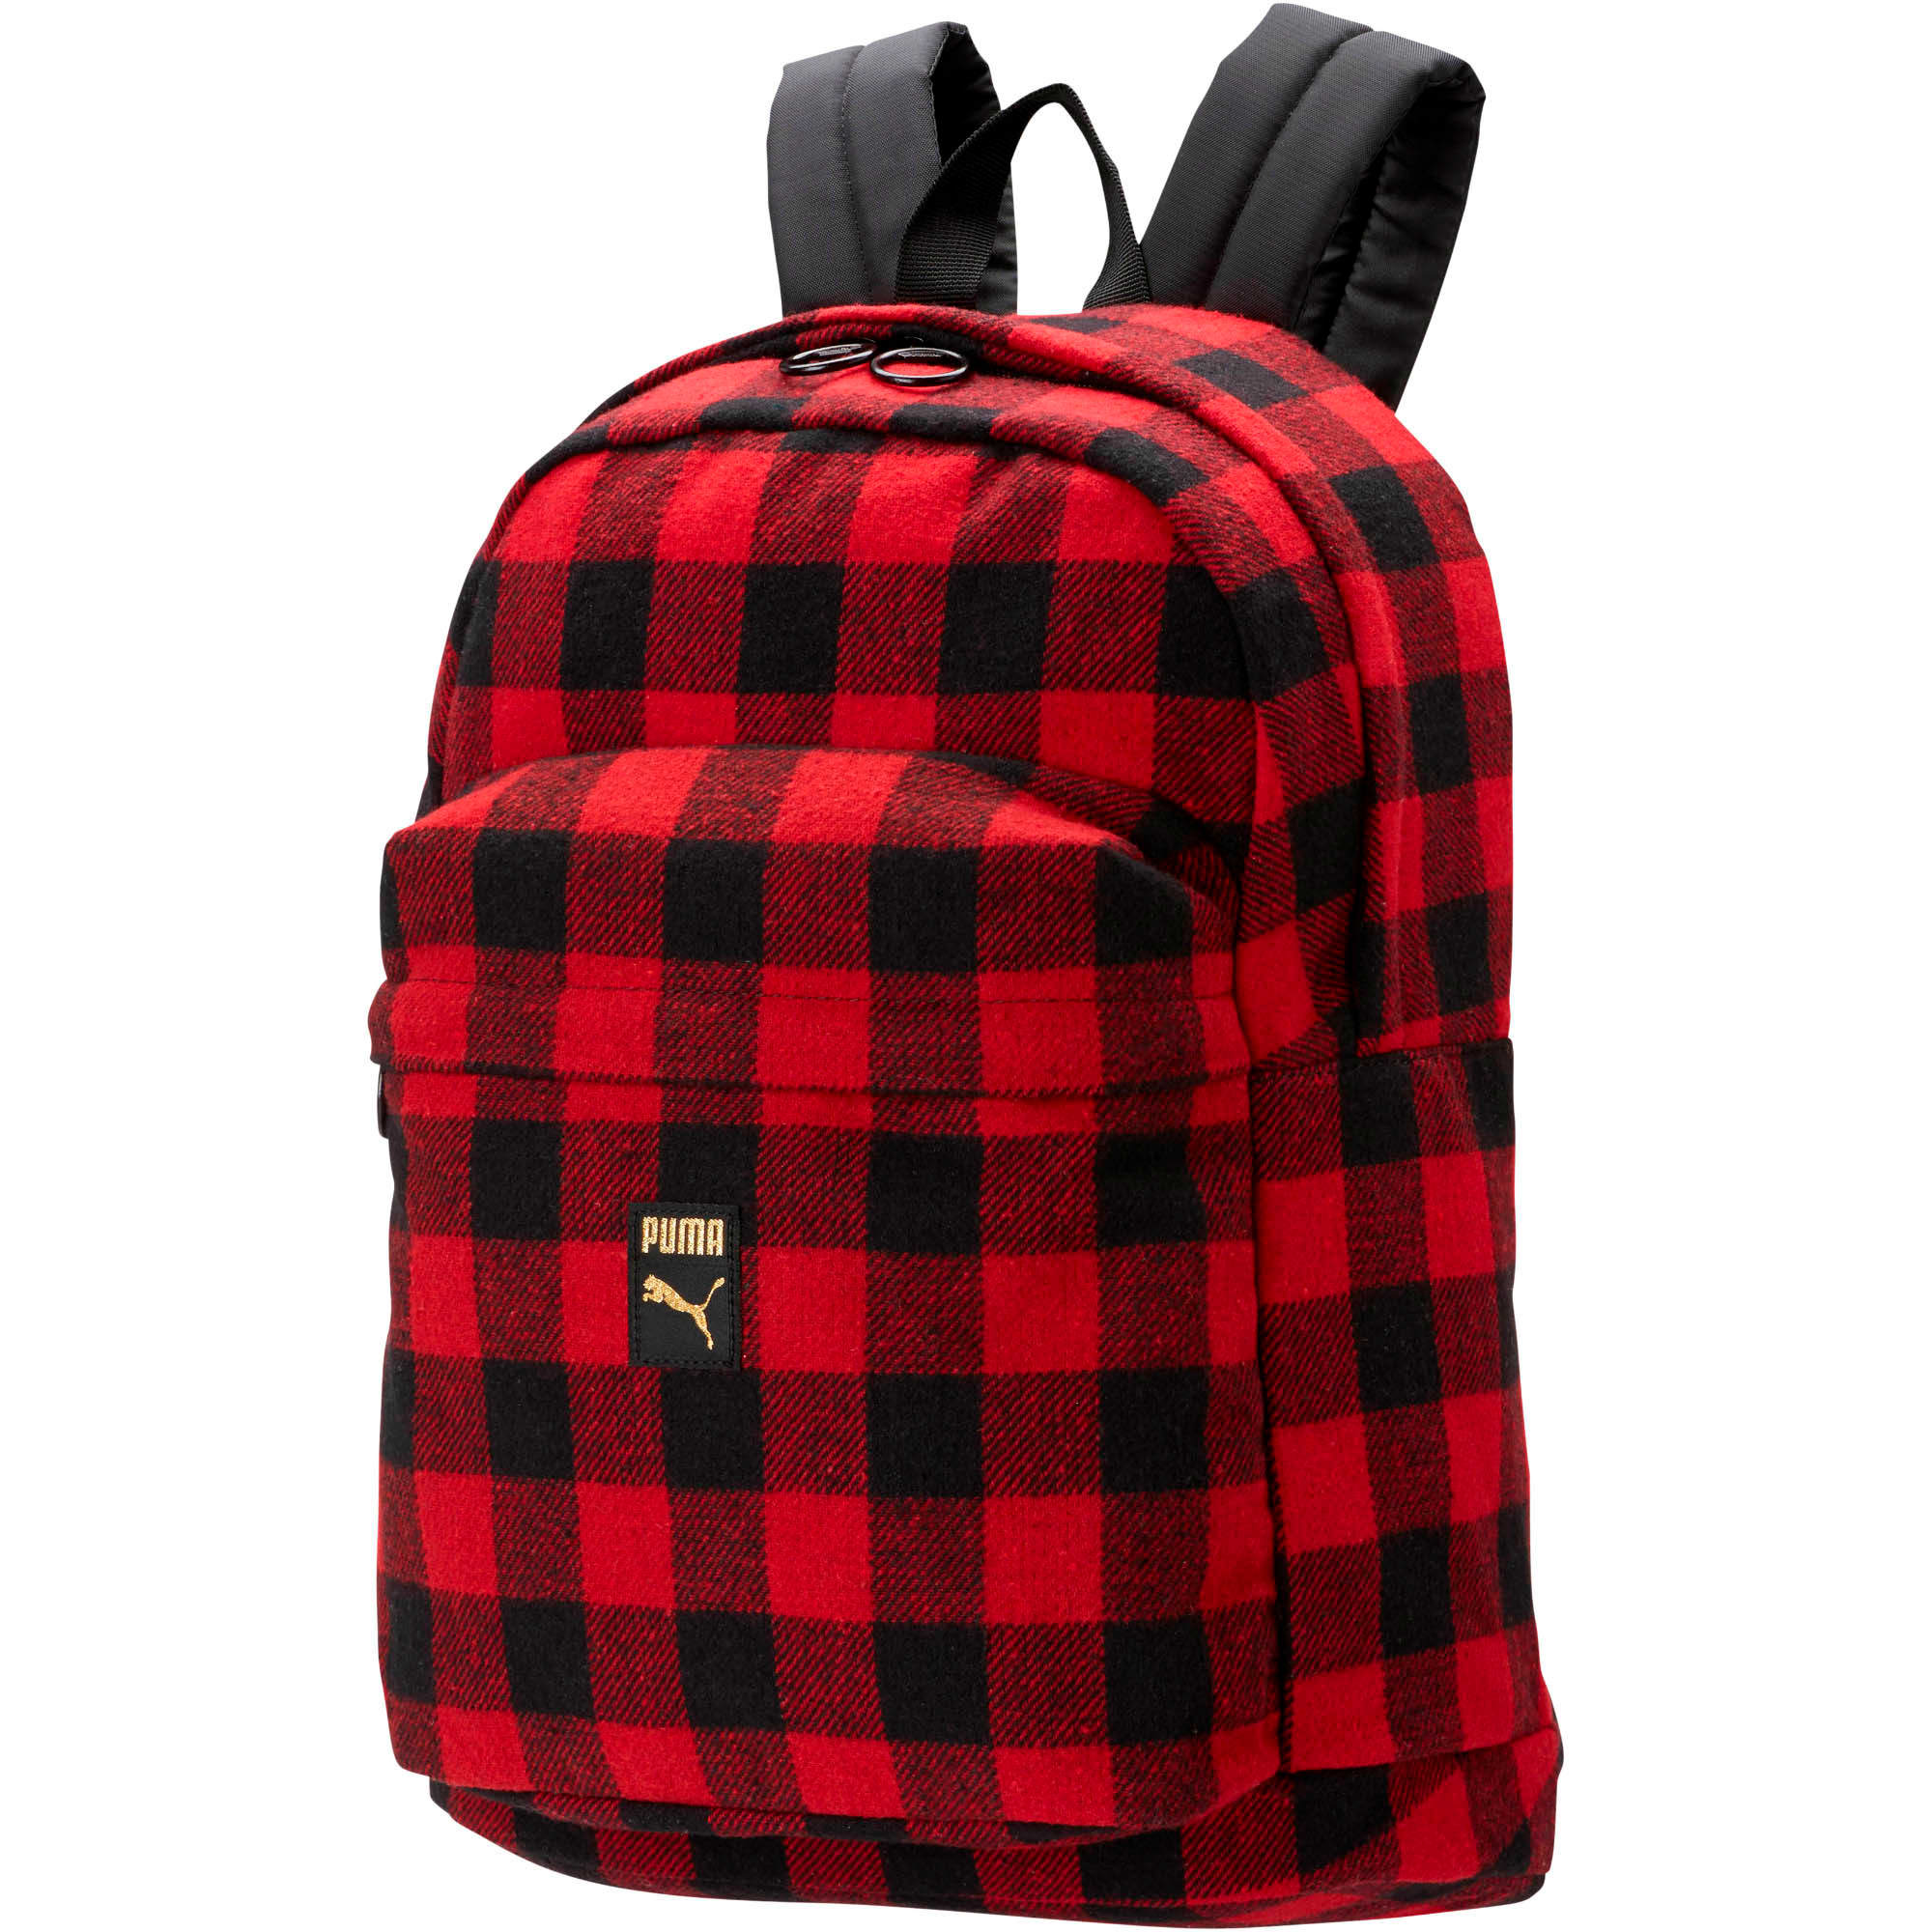 Thumbnail 1 of Check Backpack, Puma Black-Ribbon Red-check, medium